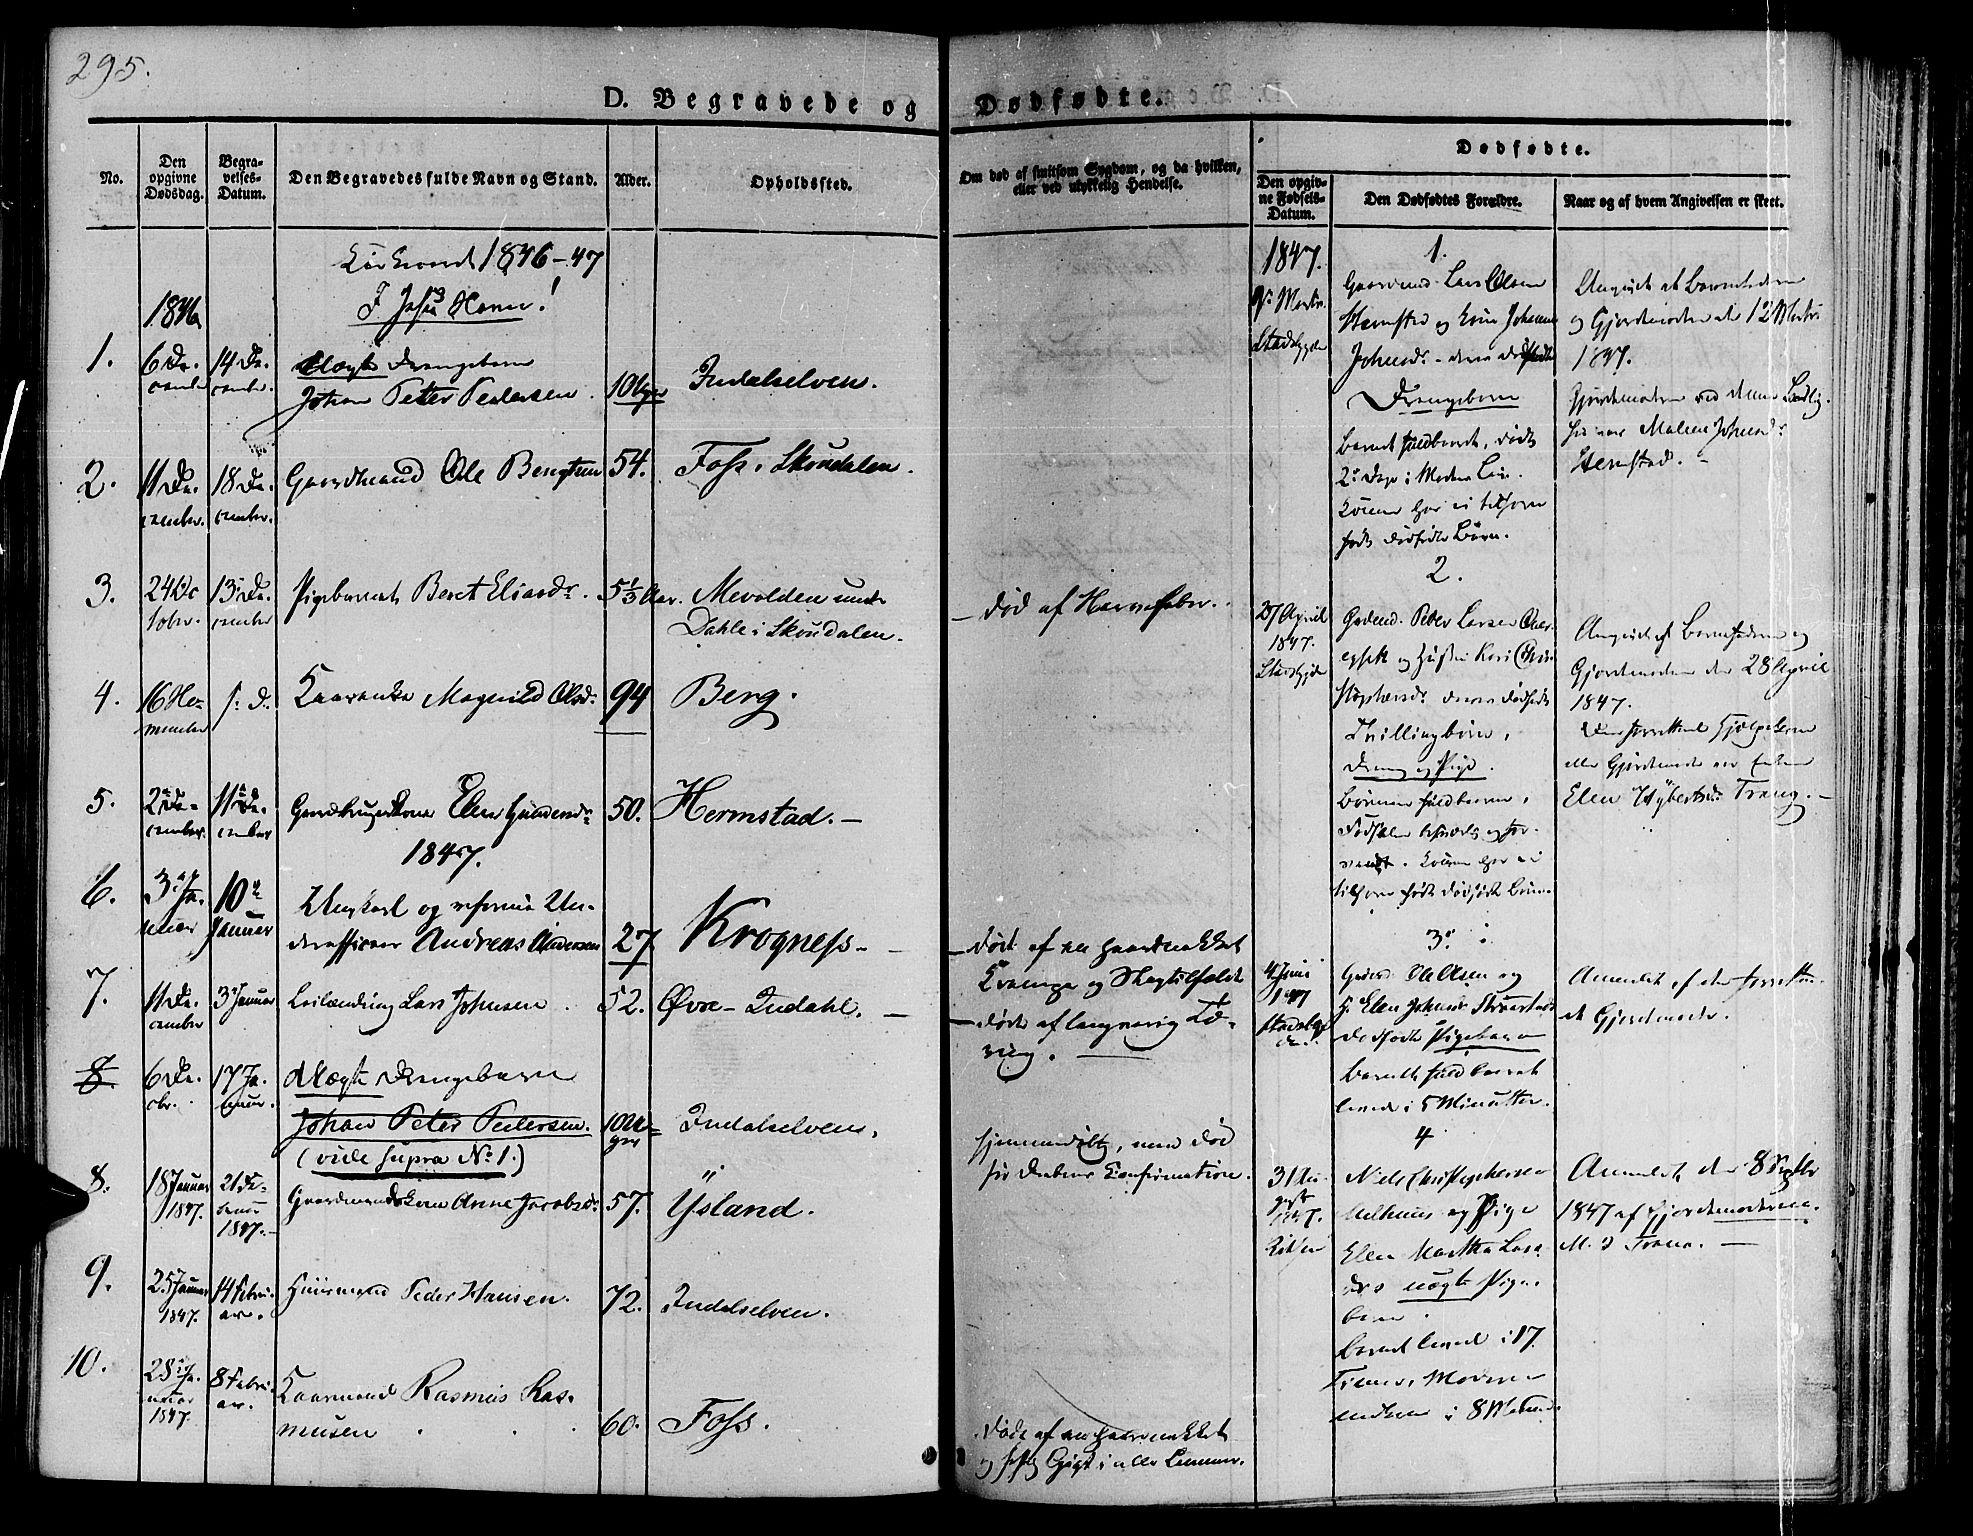 SAT, Ministerialprotokoller, klokkerbøker og fødselsregistre - Sør-Trøndelag, 646/L0610: Ministerialbok nr. 646A08, 1837-1847, s. 295